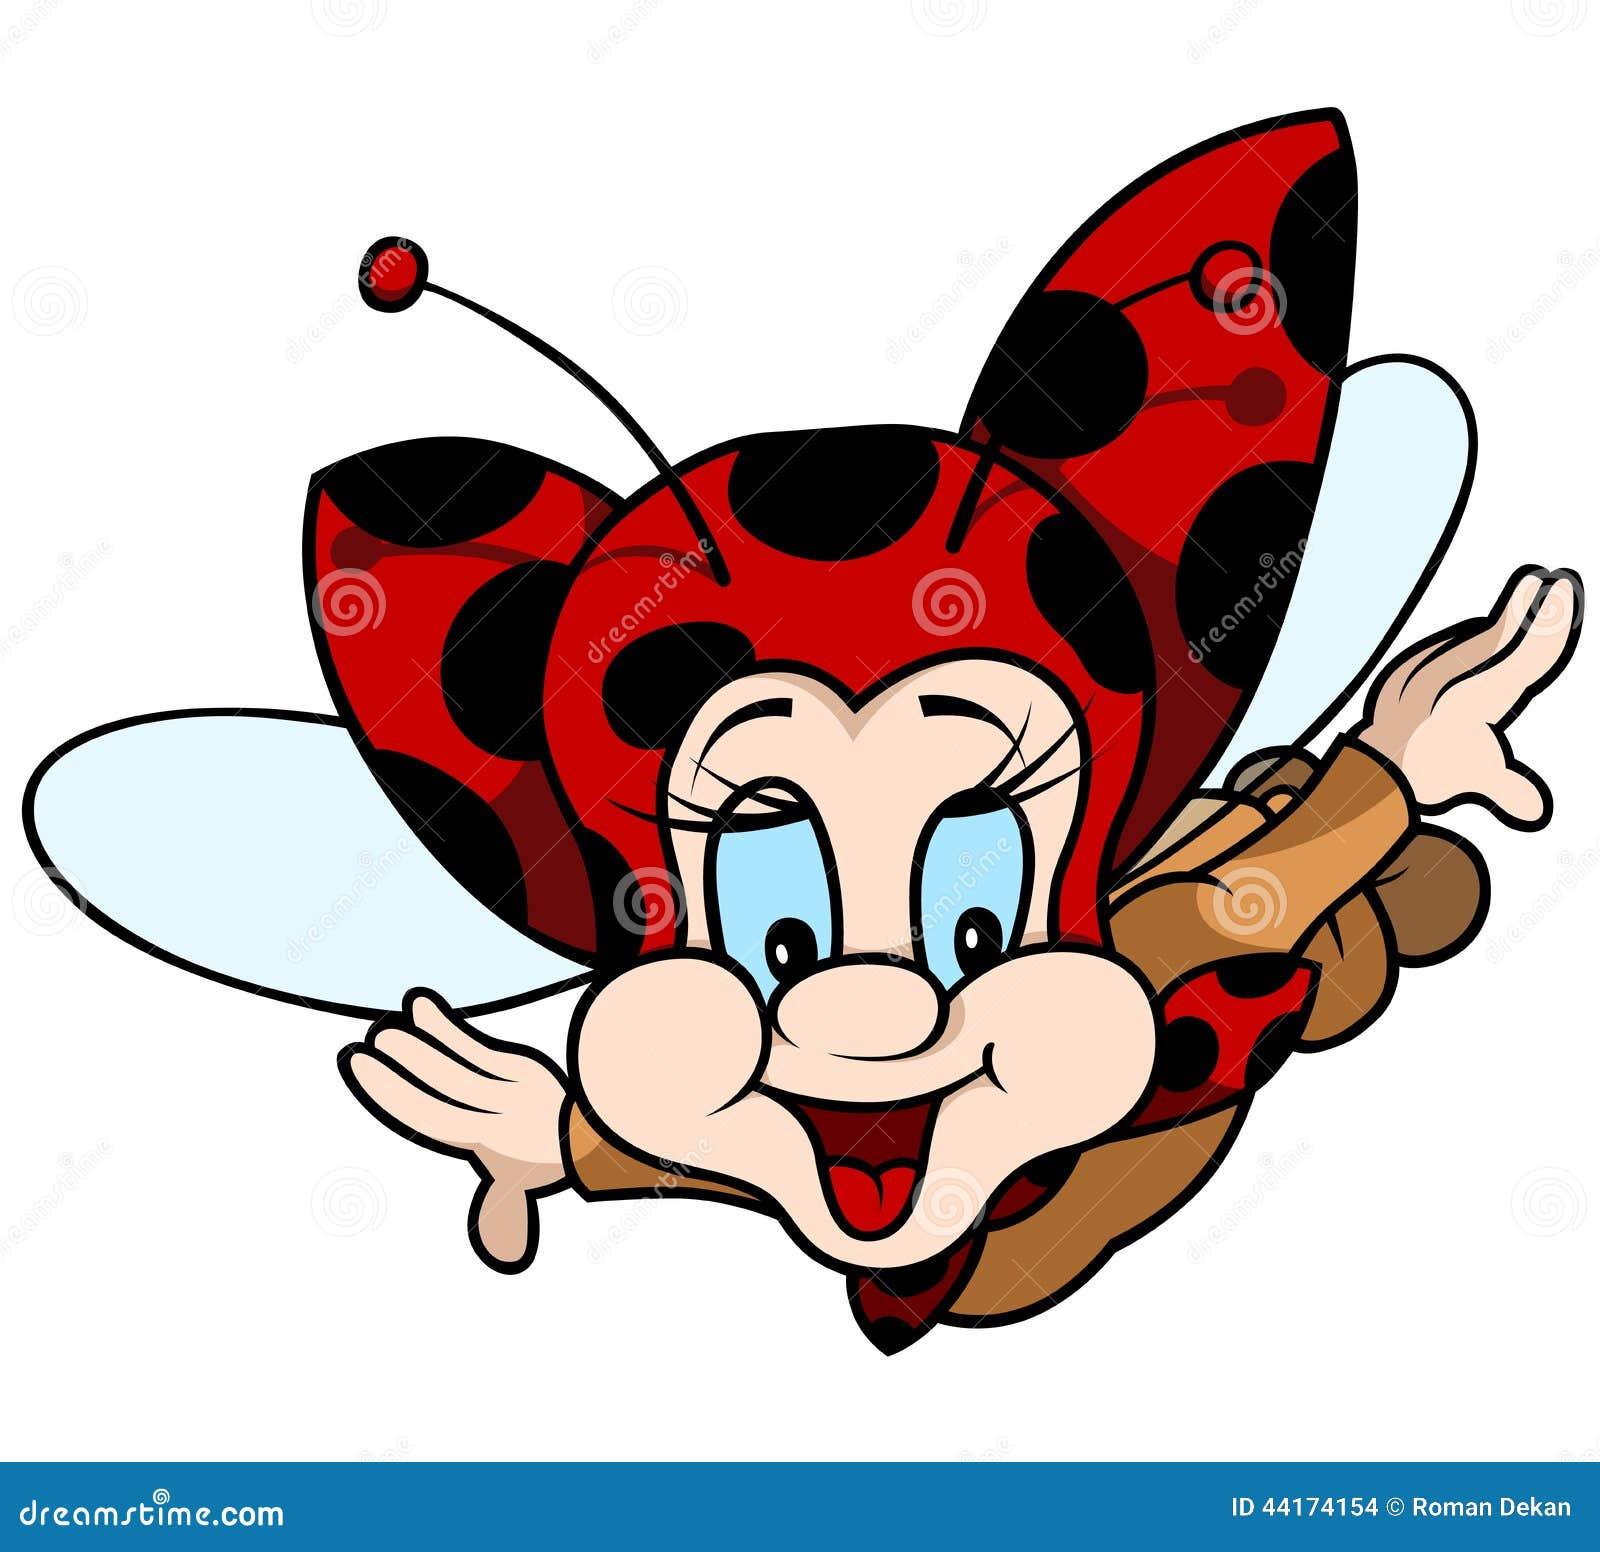 isolated flying ladybug royalty free stock image image 10871136